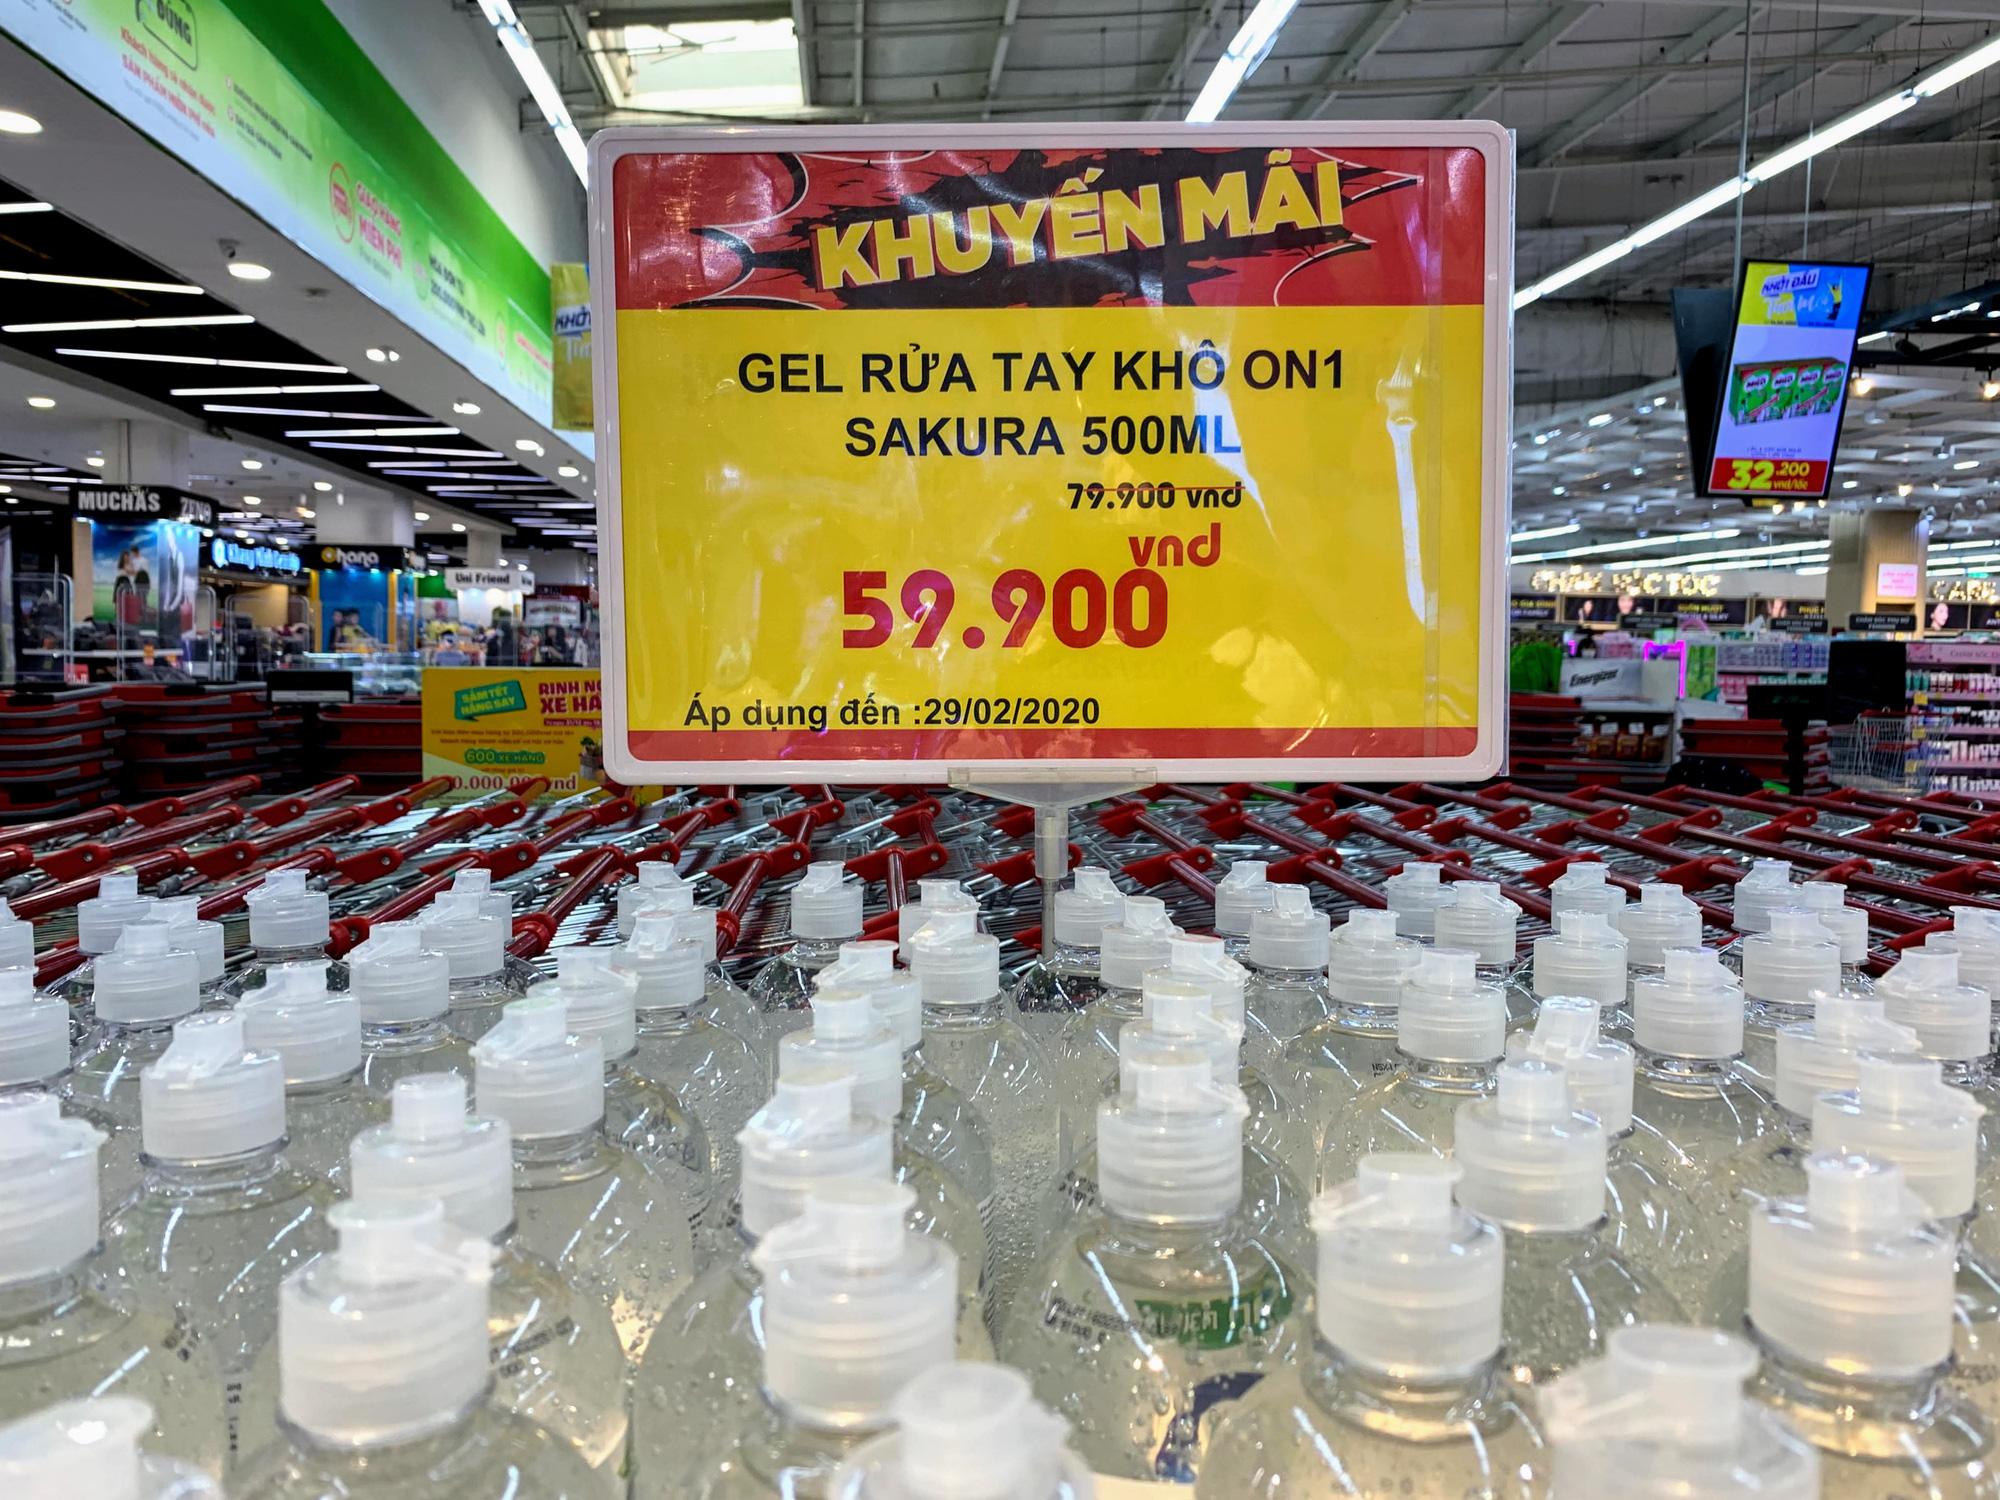 Ma trận nước rửa tay, gel sát khuẩn tại các siêu thị ở Hà Nội làm khó người tiêu dùng - Ảnh 3.